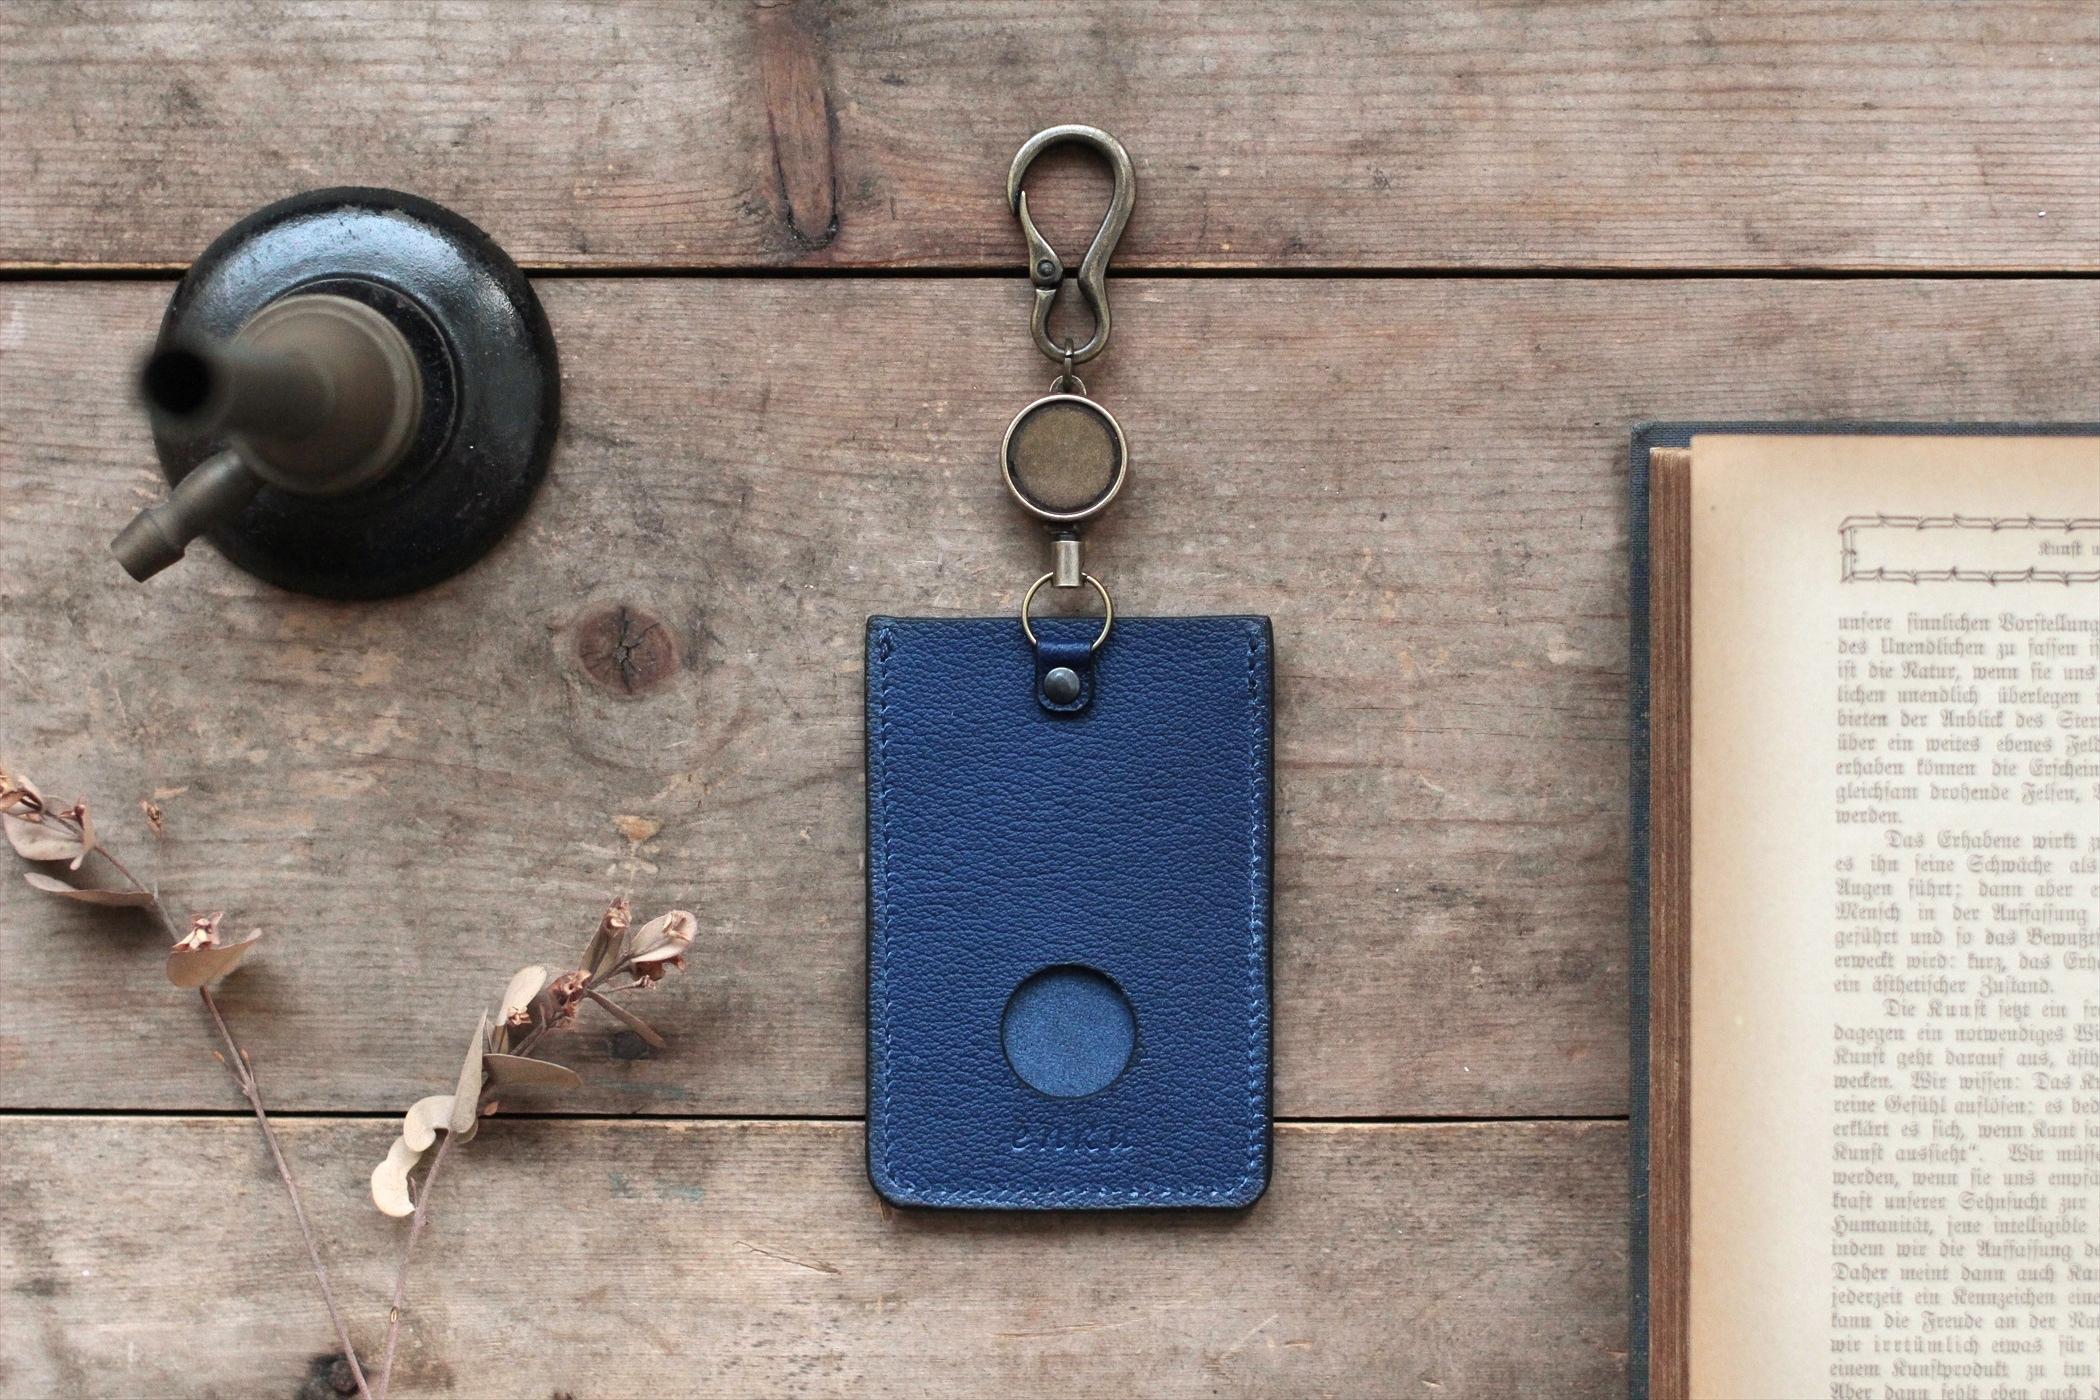 藍染革[shiboai] リール付ICカード・パスケース